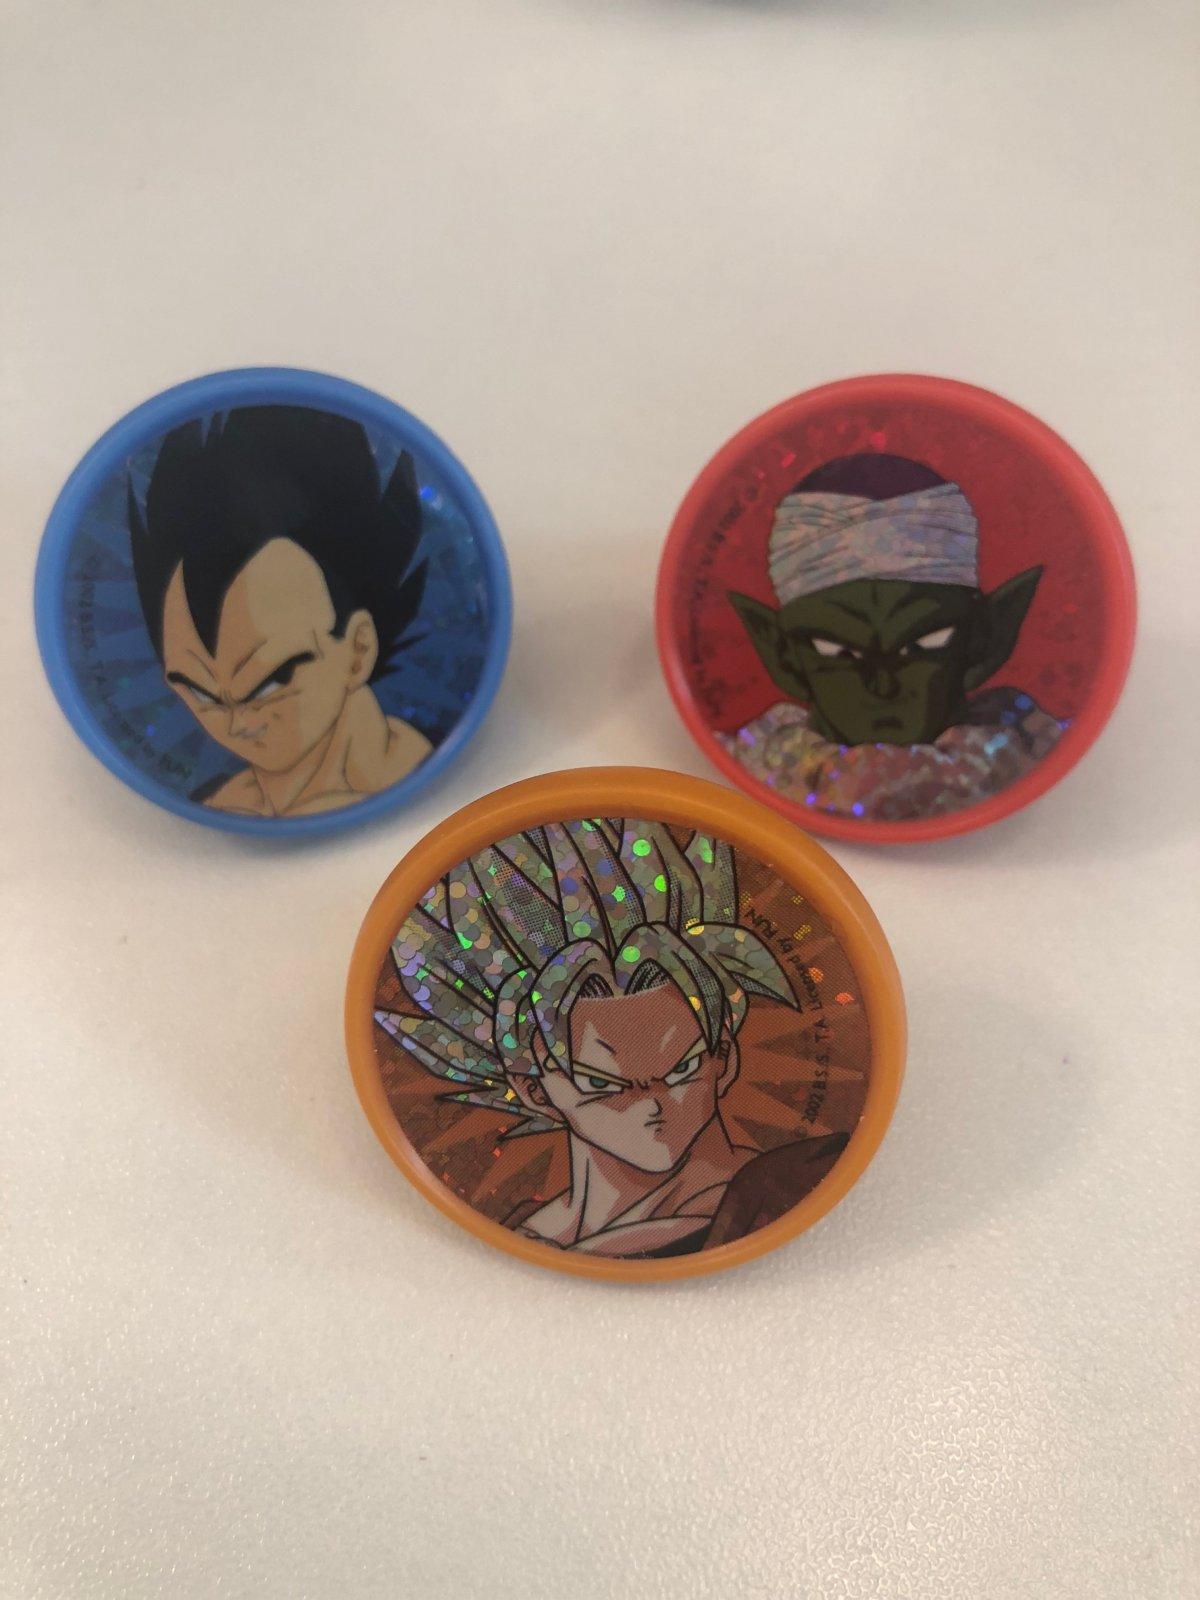 Dragon Ball Z Piccolo, Gohan & Vegeta 12 ct Cupcake Rings